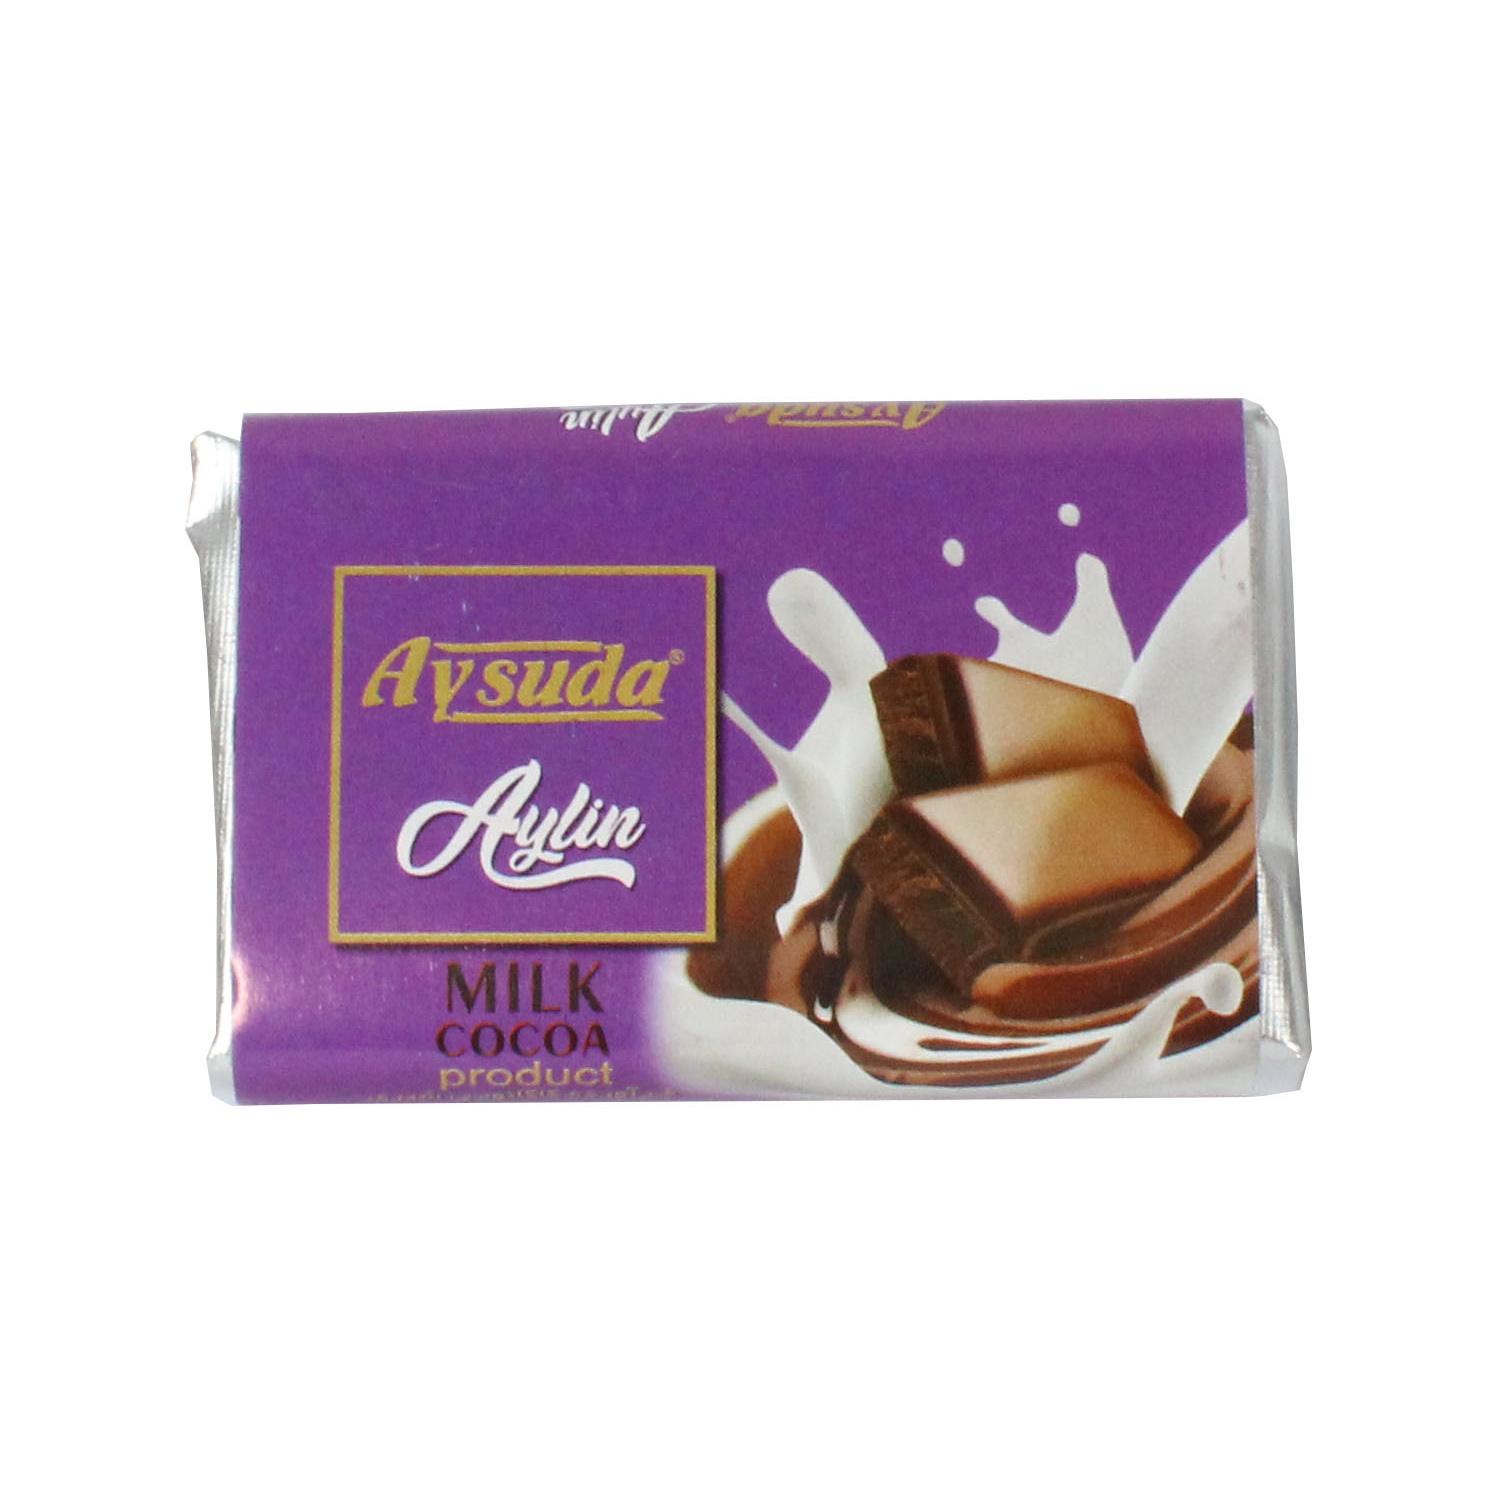 شکلات شیری آی سودا - 25 گرم